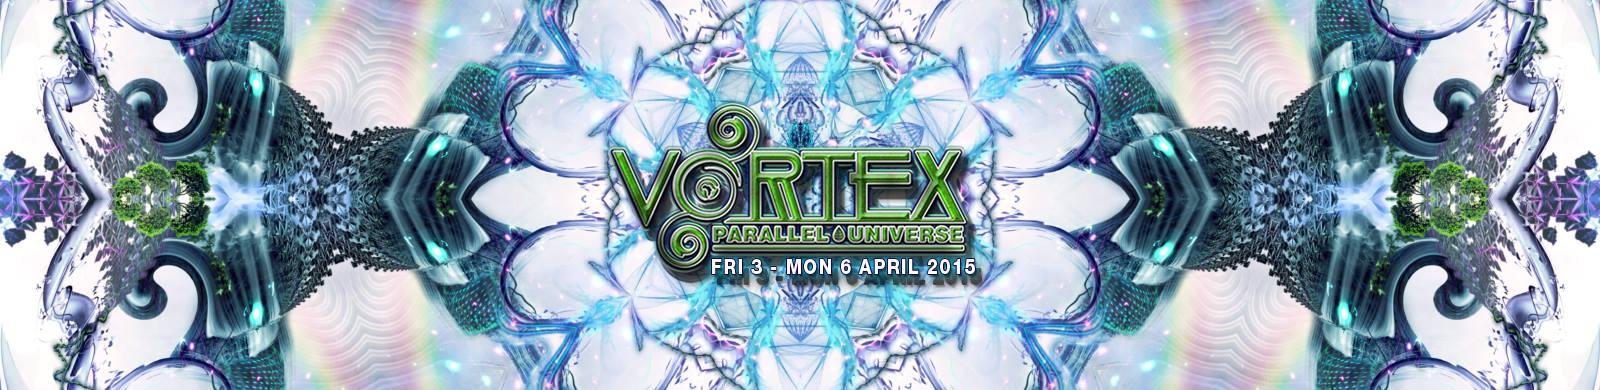 Vortex Easter 2015 win tickets